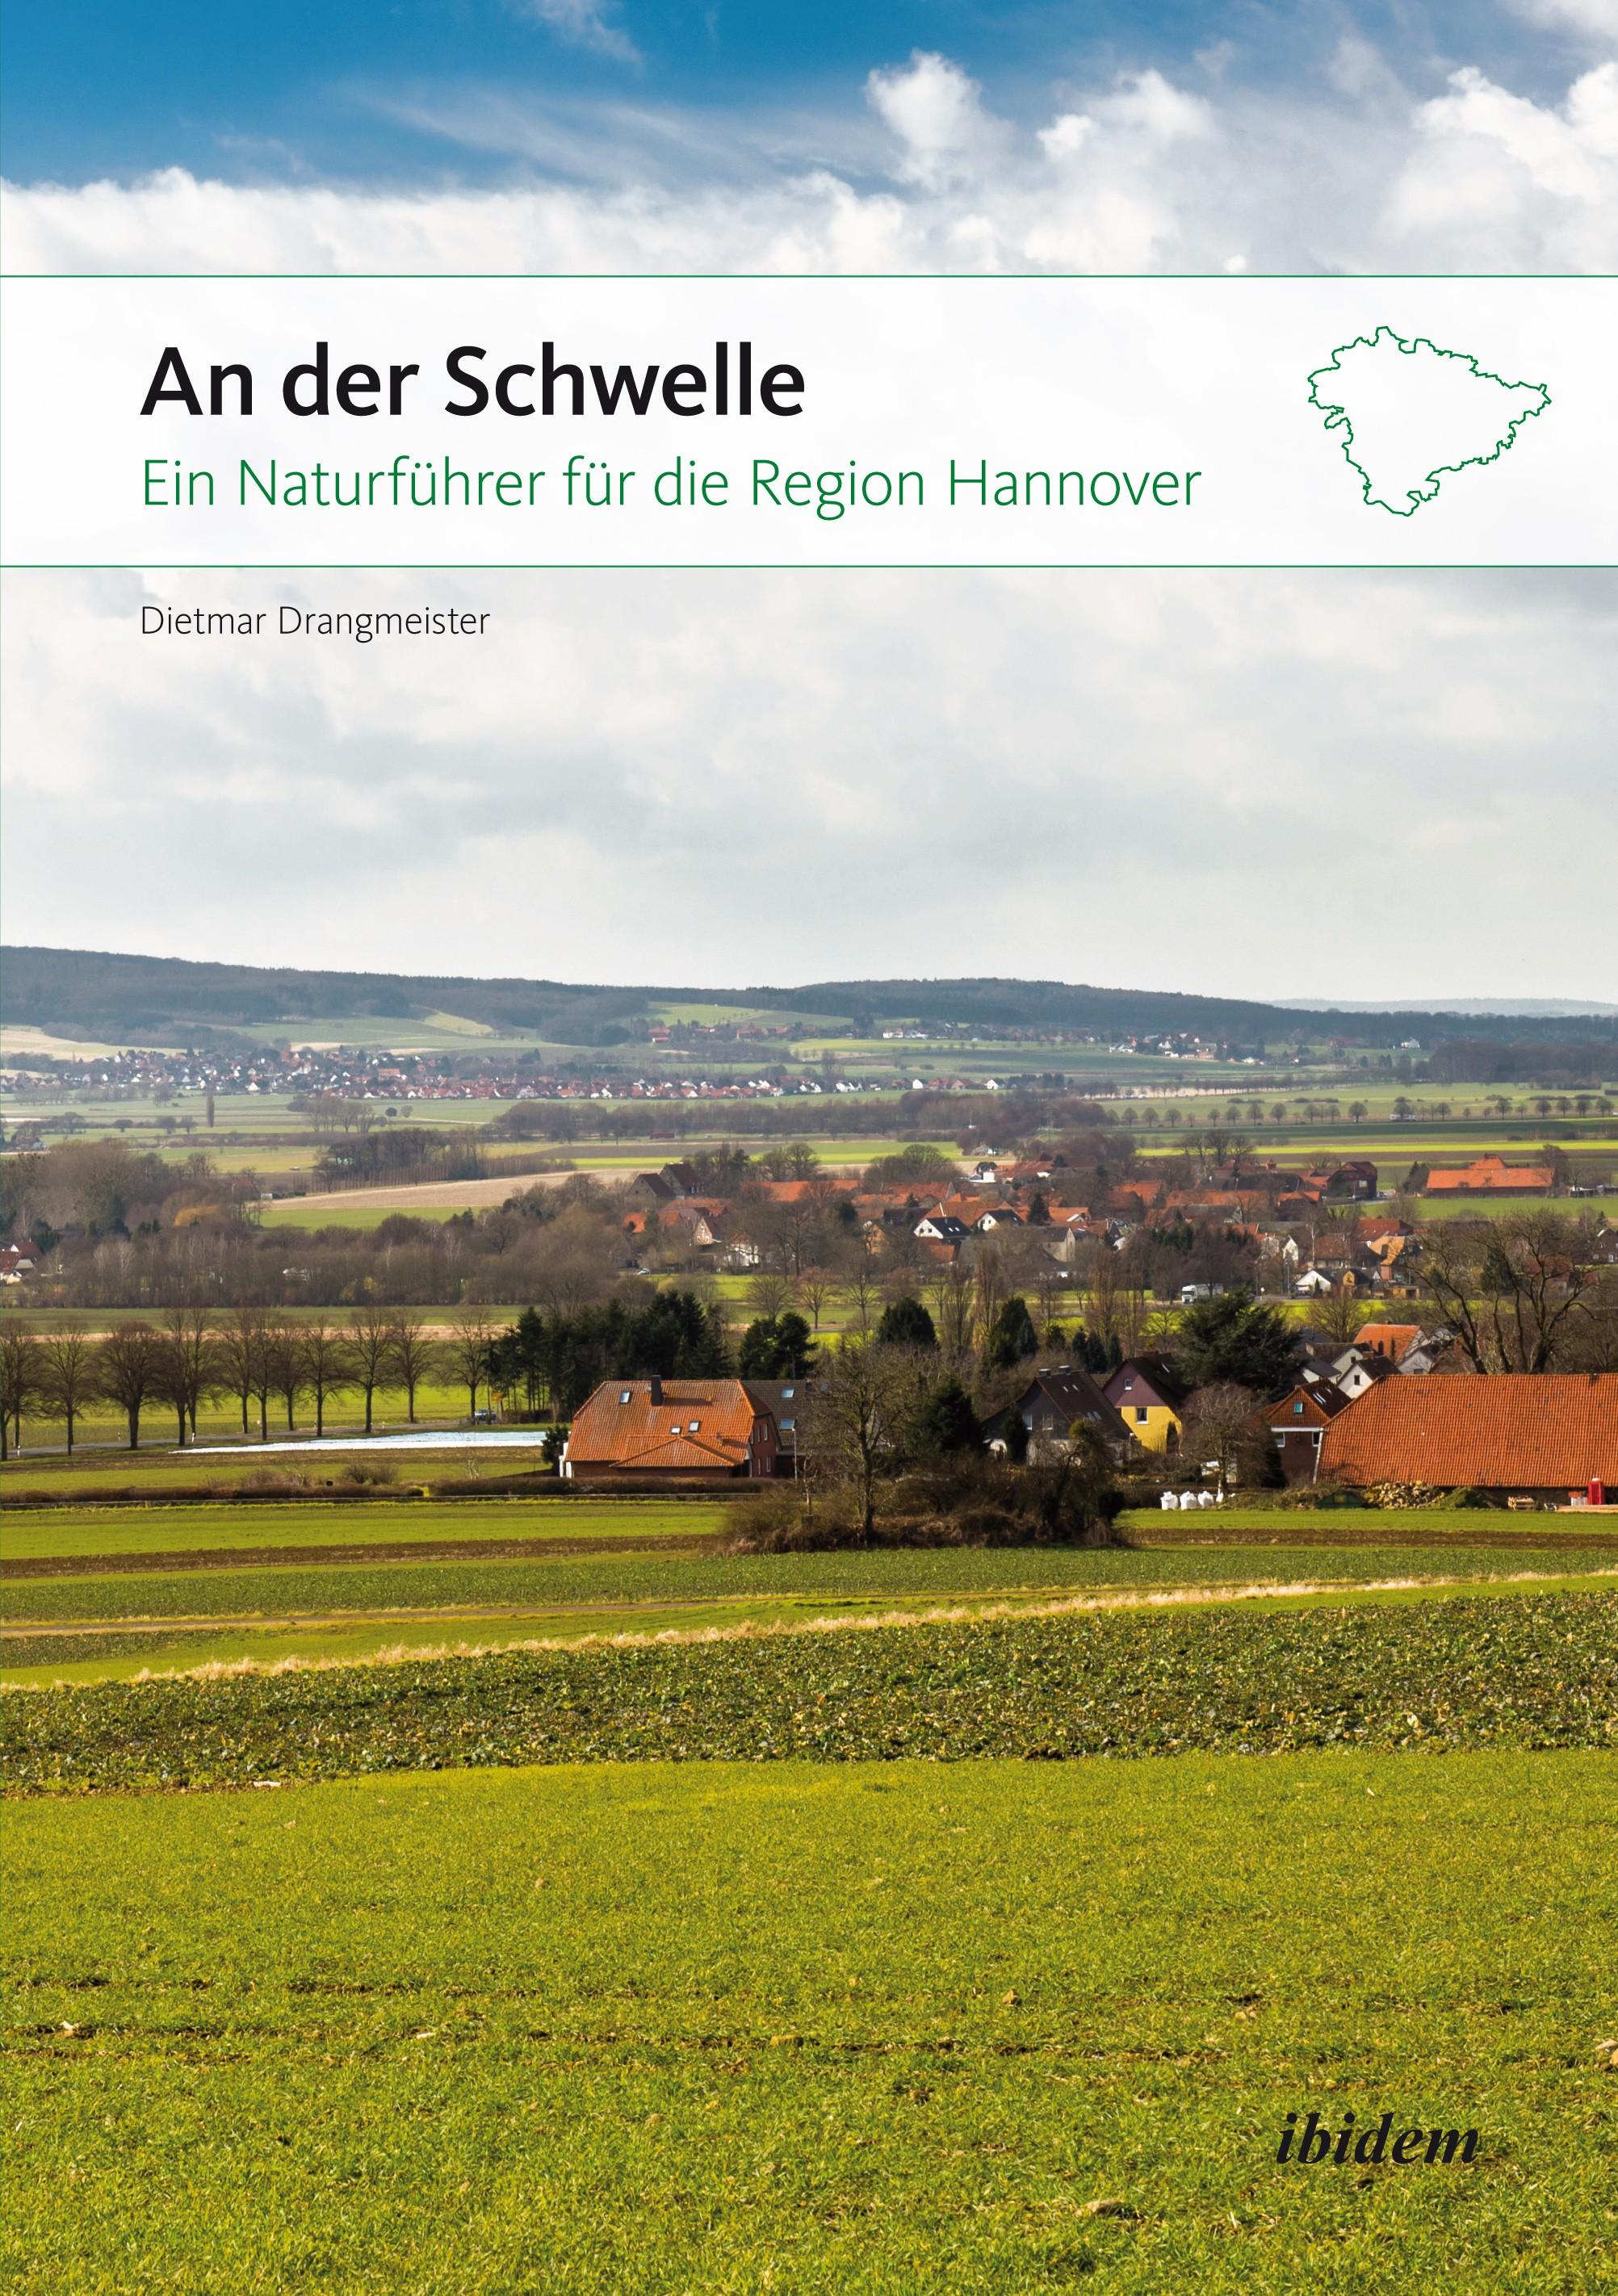 An der Schwelle: Ein Naturführer für die Region Hannover